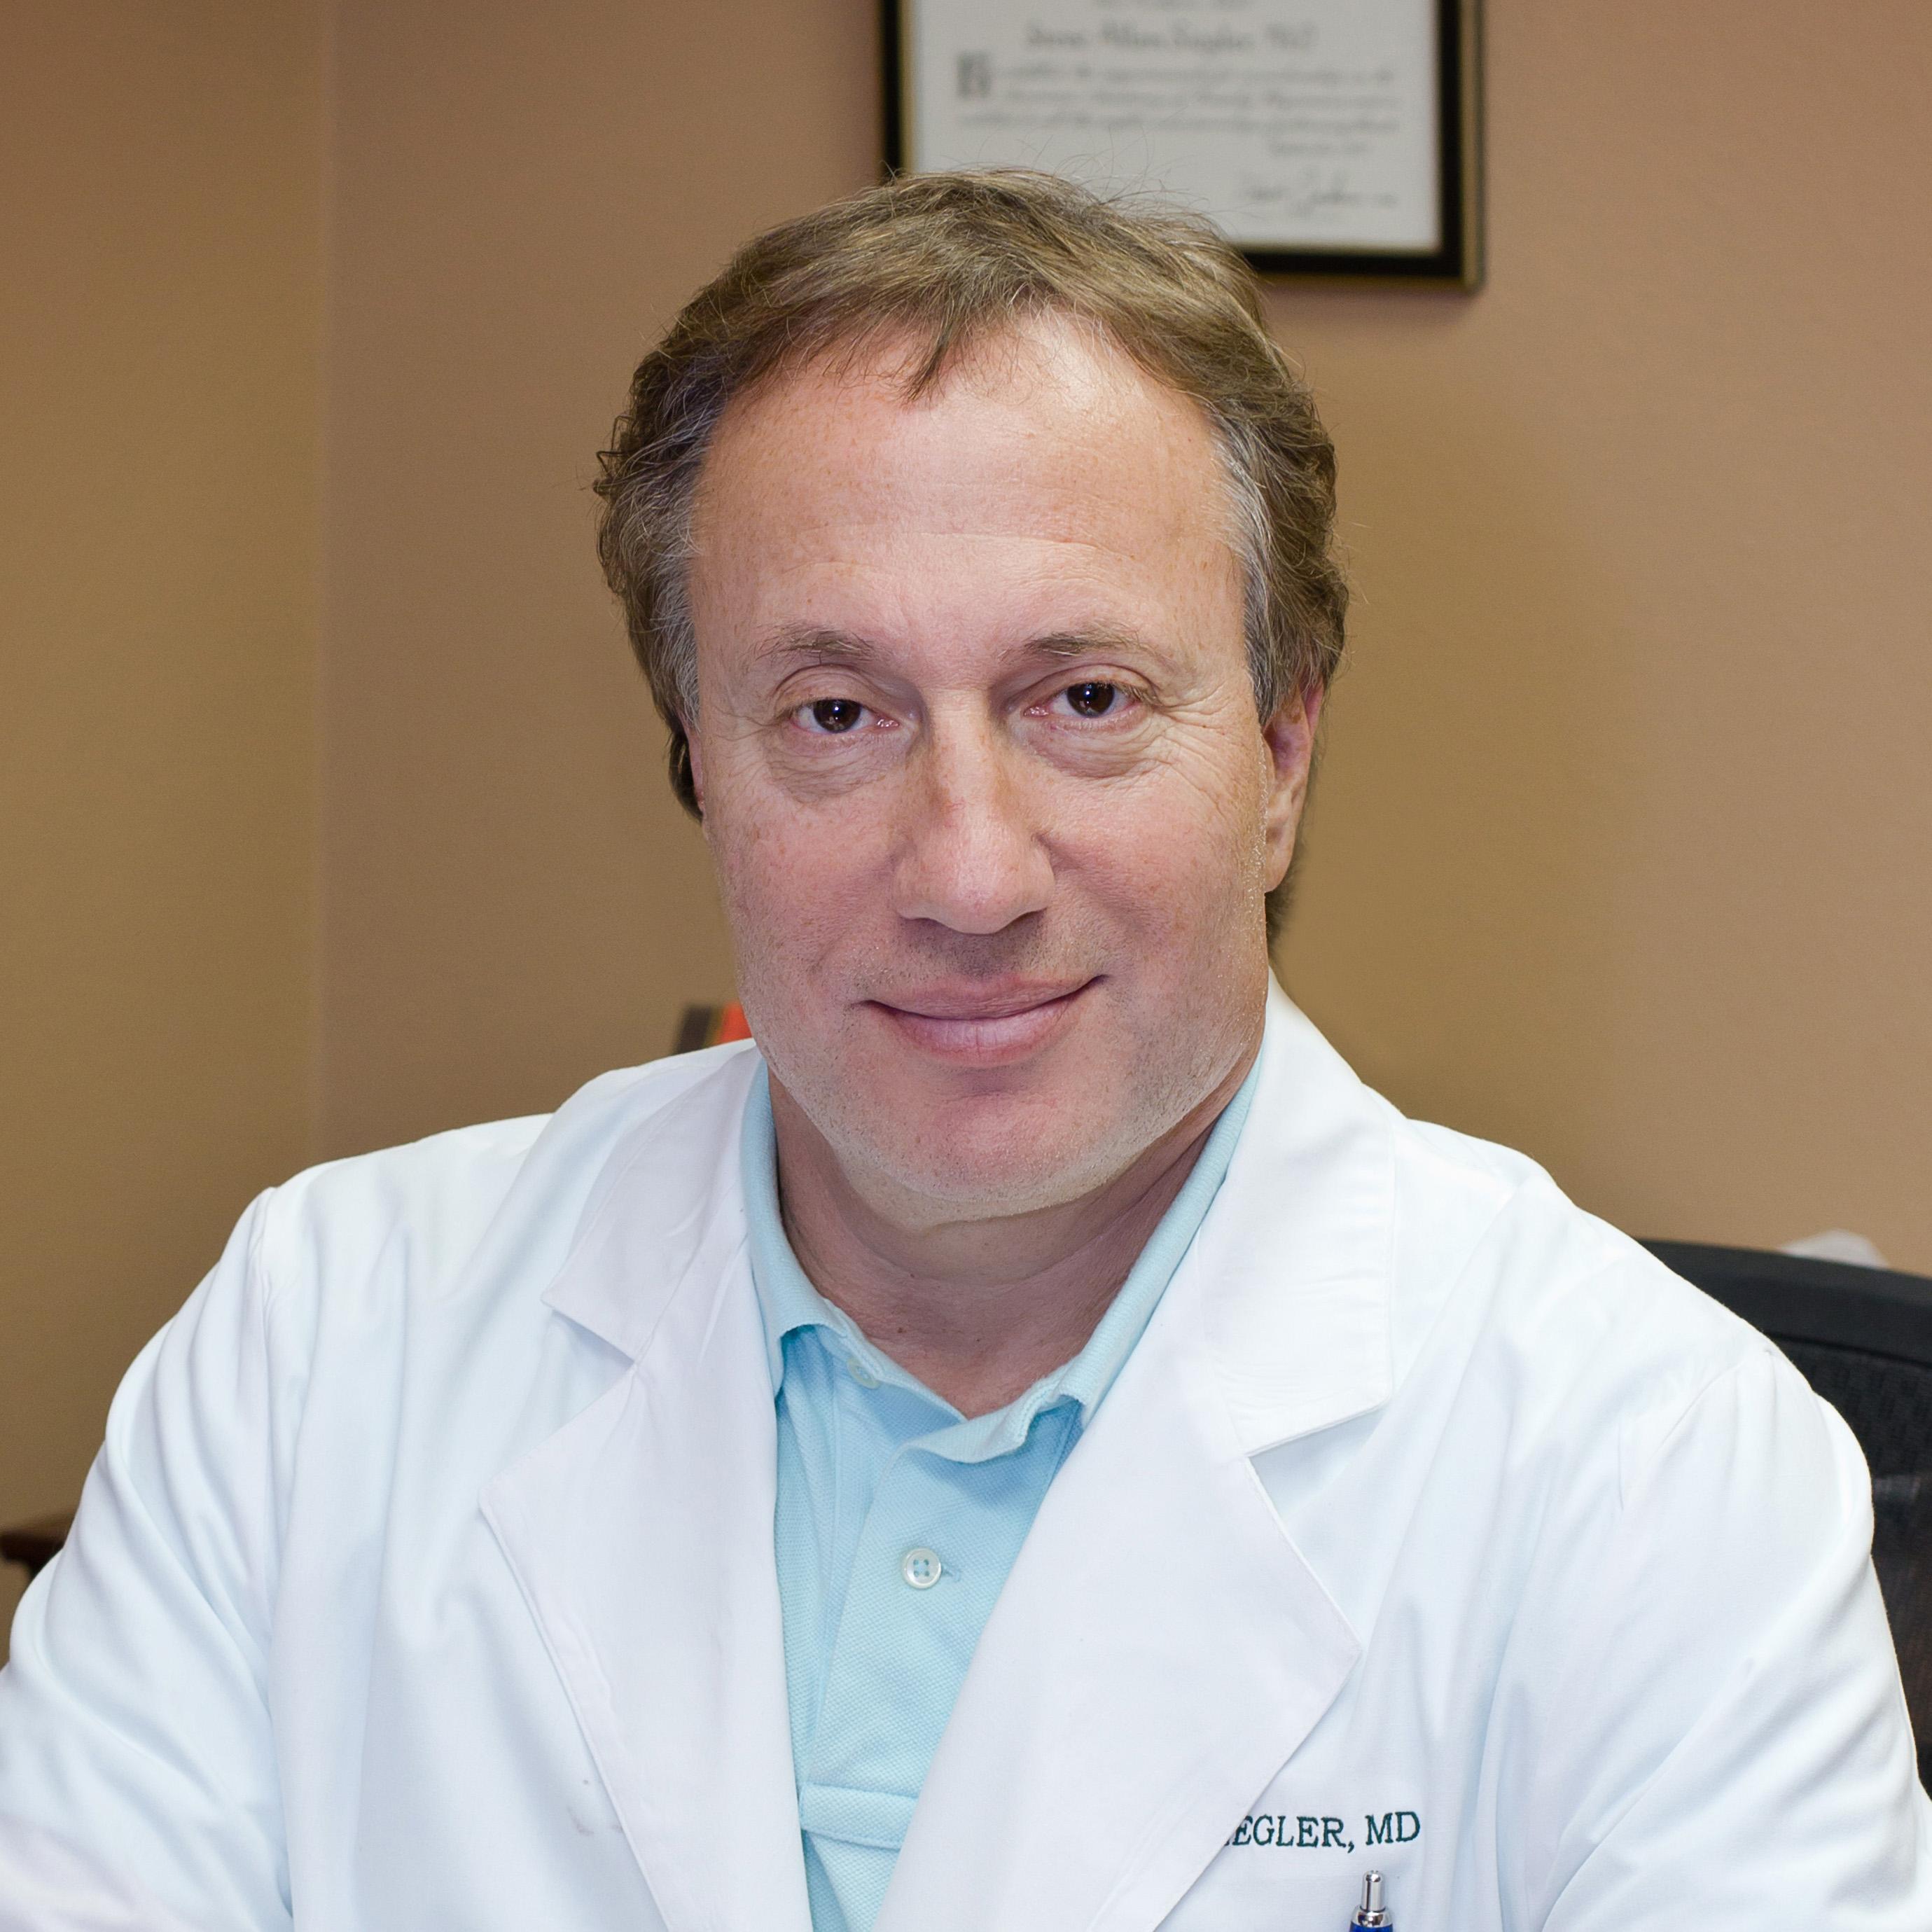 Steve Siegler MD